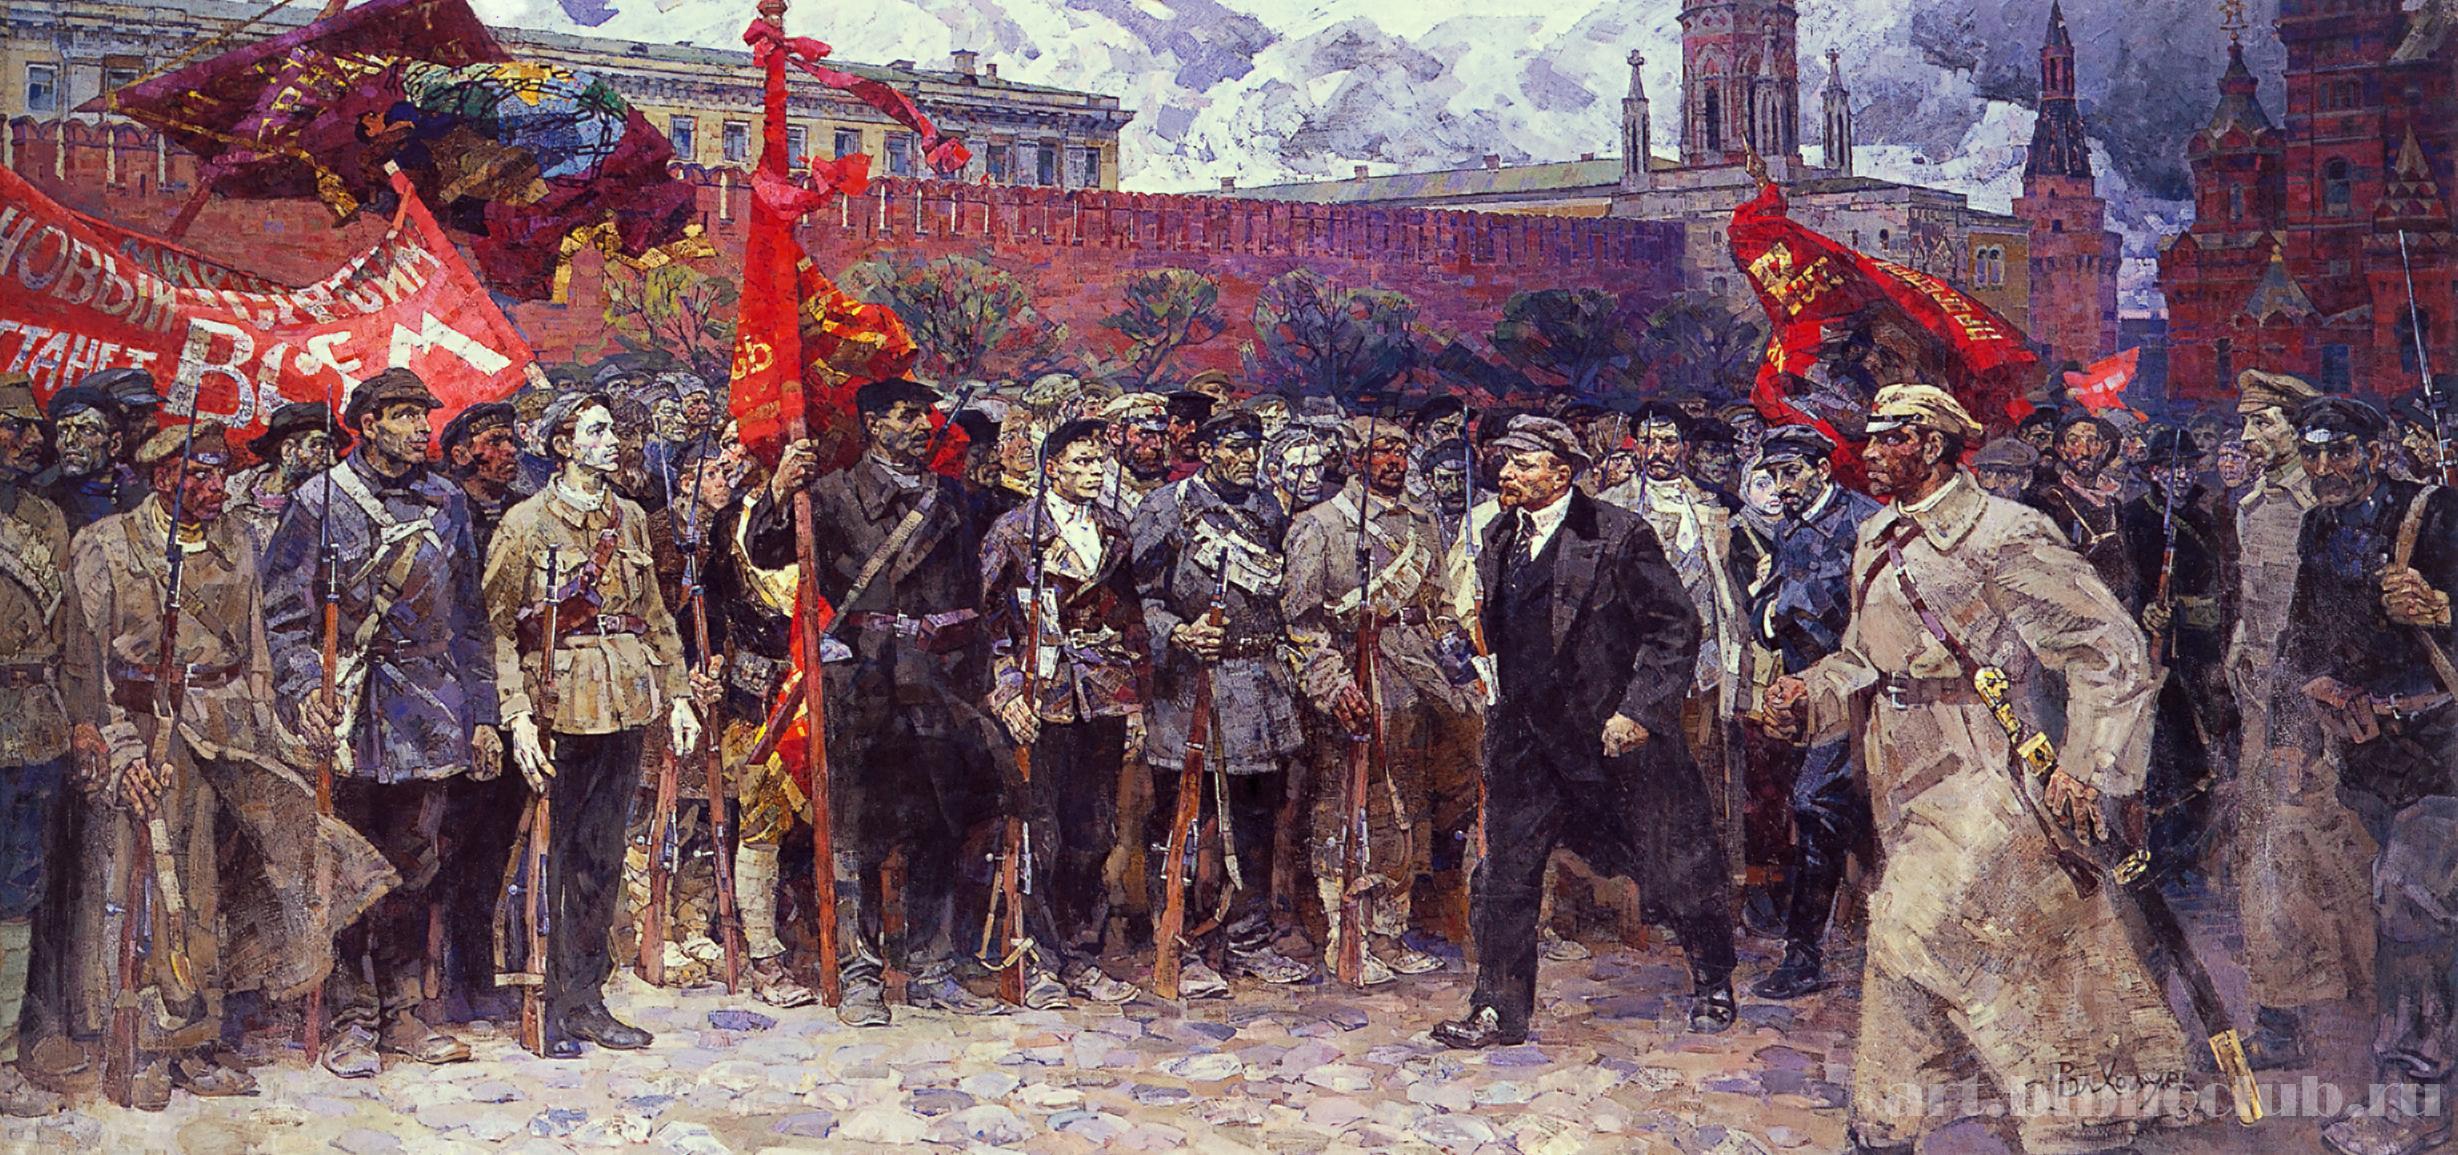 Картинки о великой октябрьской революции, день